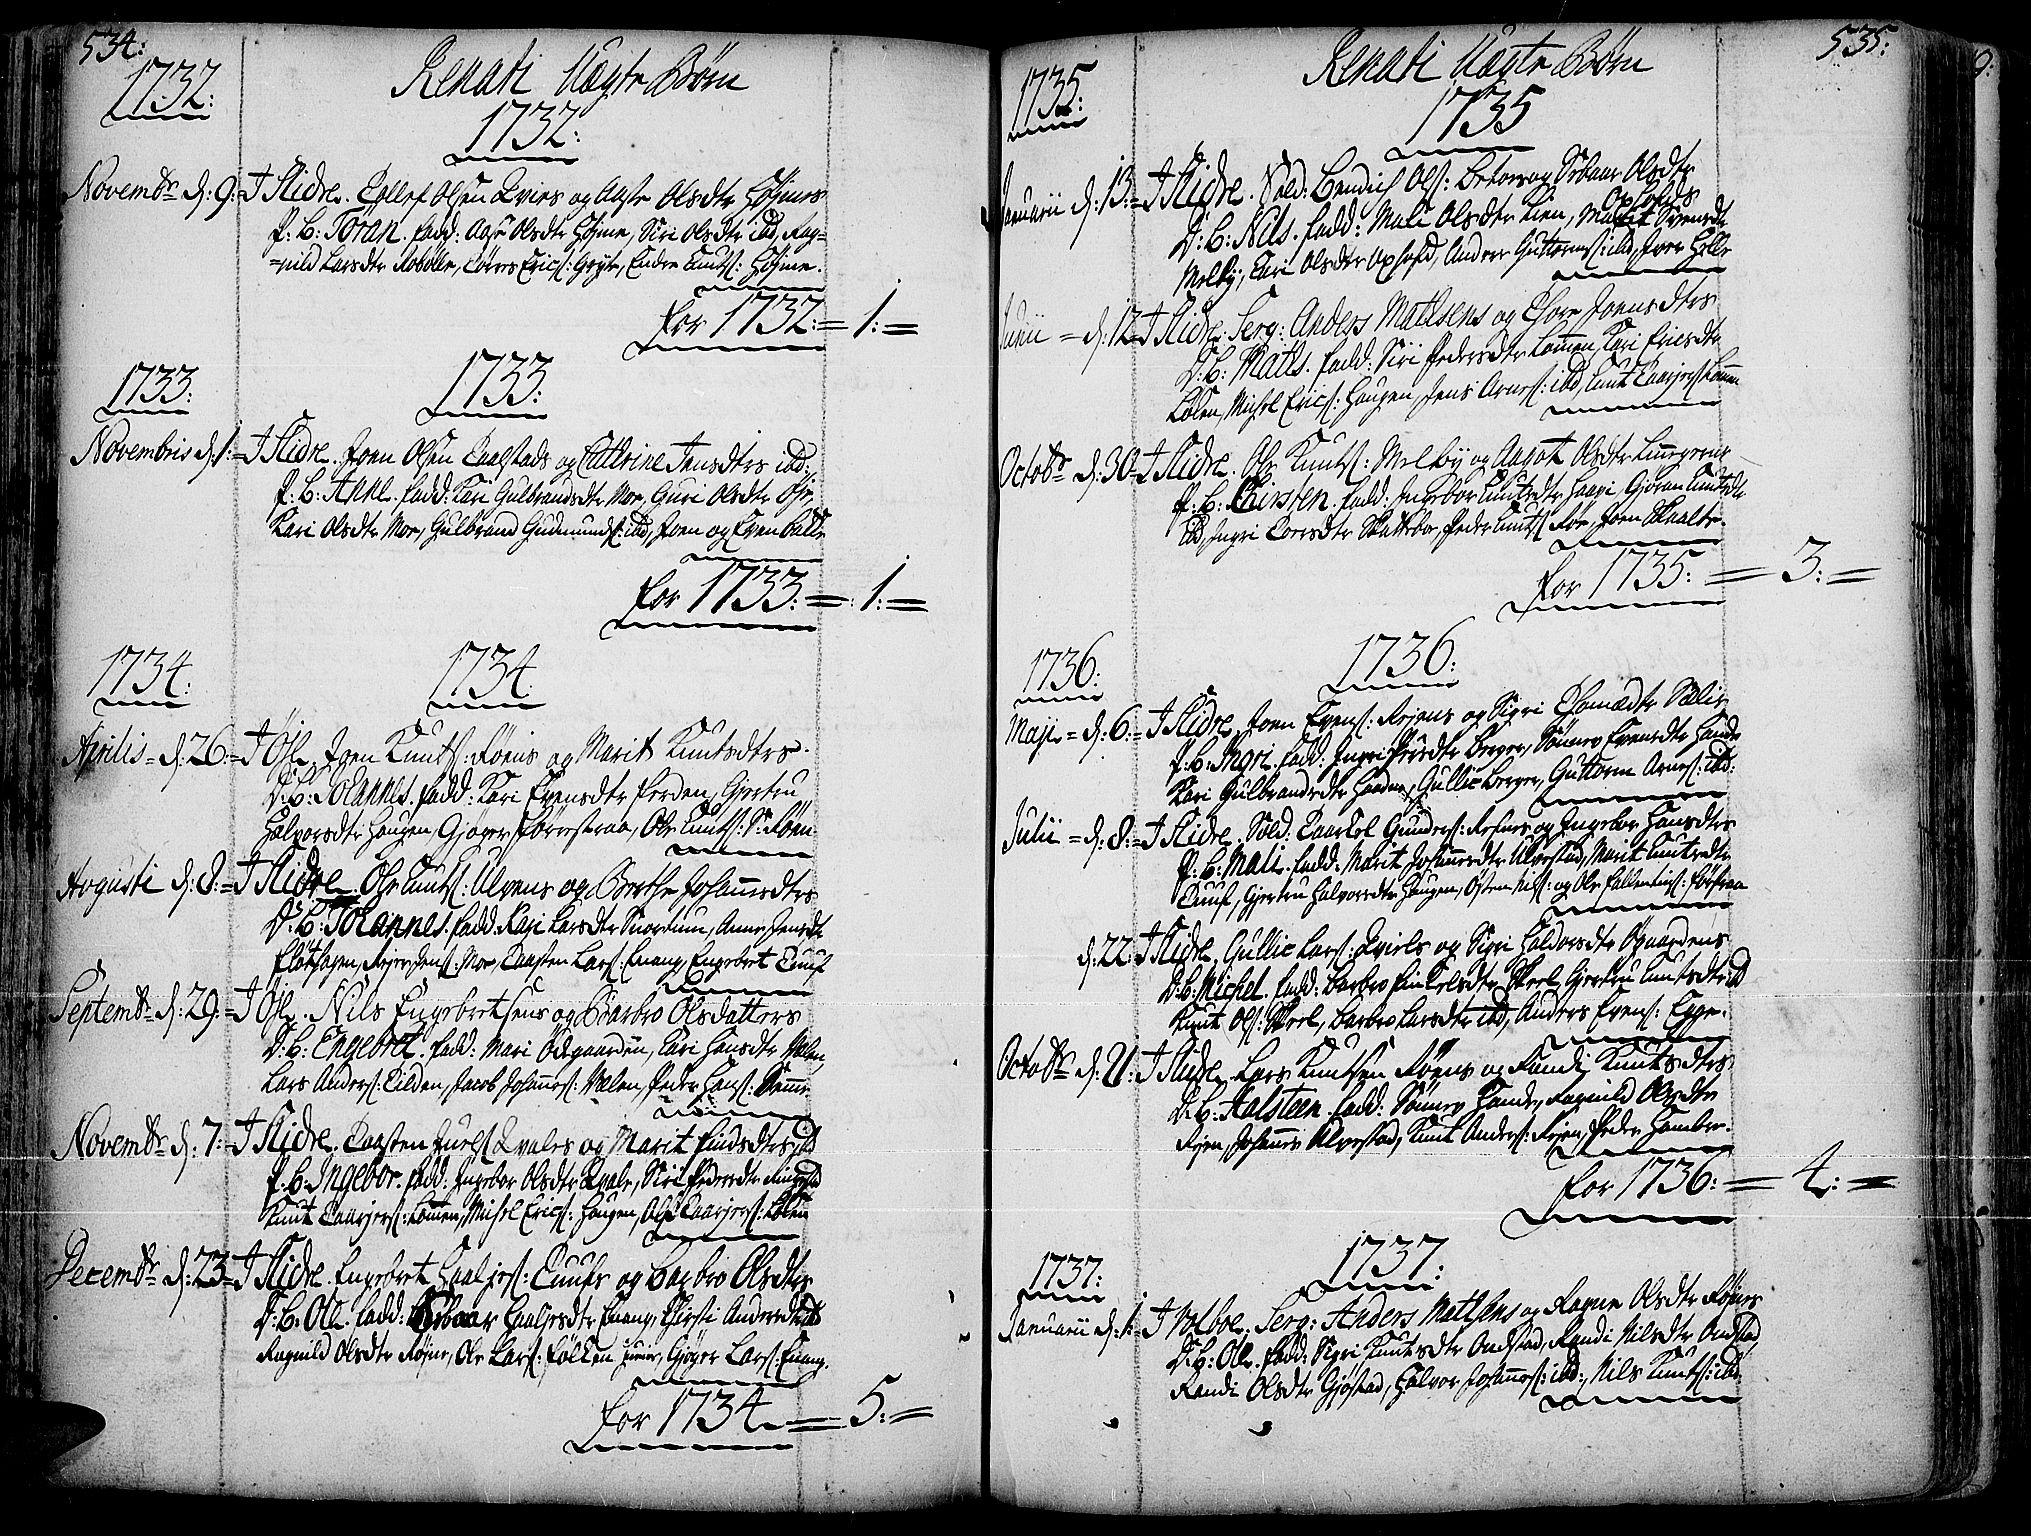 SAH, Slidre prestekontor, Ministerialbok nr. 1, 1724-1814, s. 534-535